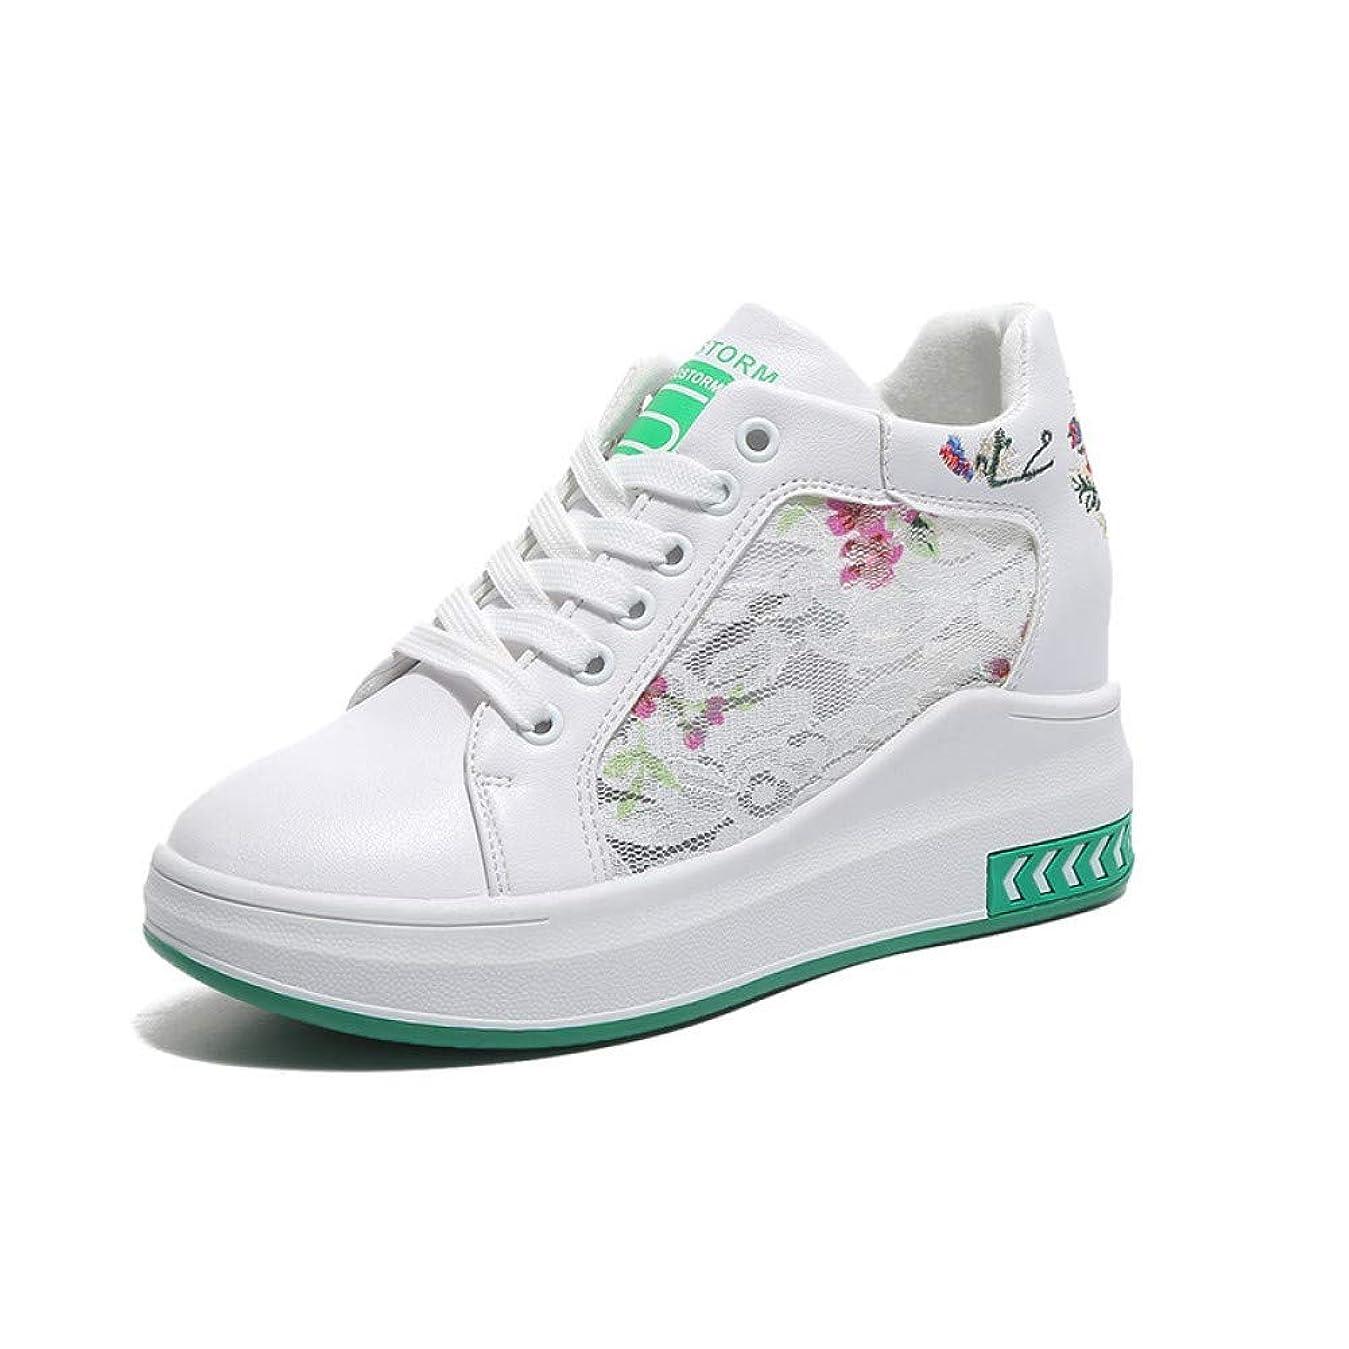 有用名義で与える[Yikaifei] 厚底シューズ レディース 厚底靴 ジョギングシューズ 運動靴 美脚 ウォーキング レザー メッシュ レースアップ 快適 普段履き